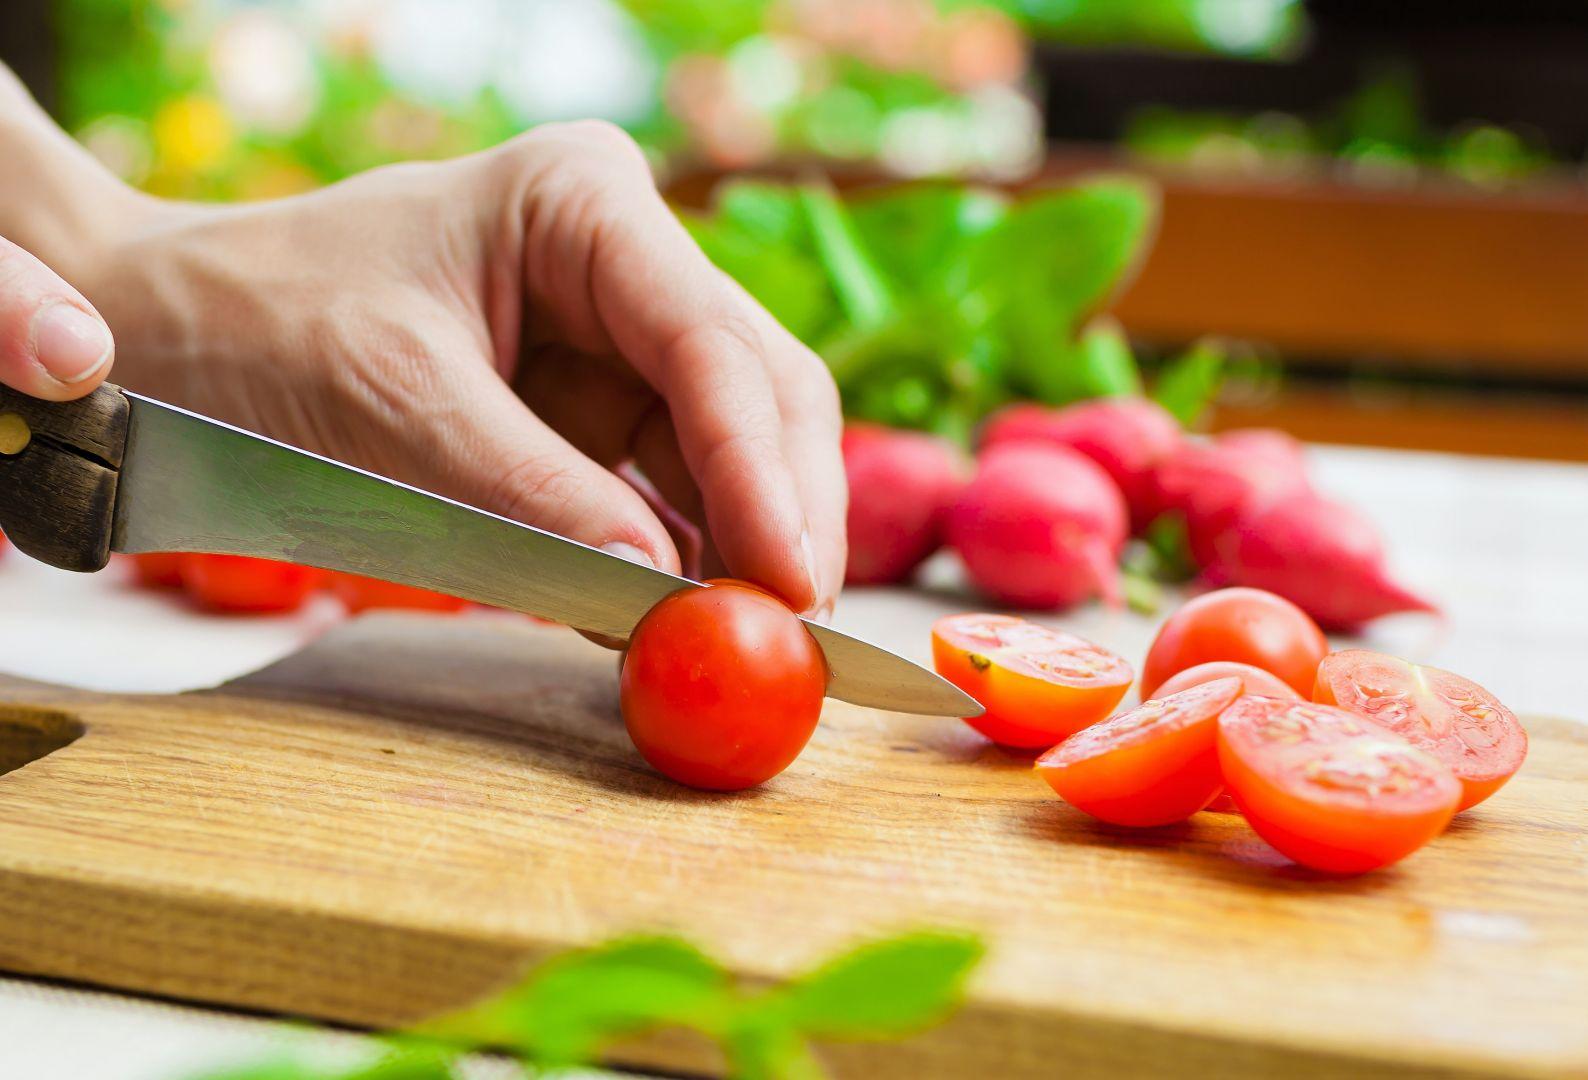 Cortamos los tomates en trozos pequeños